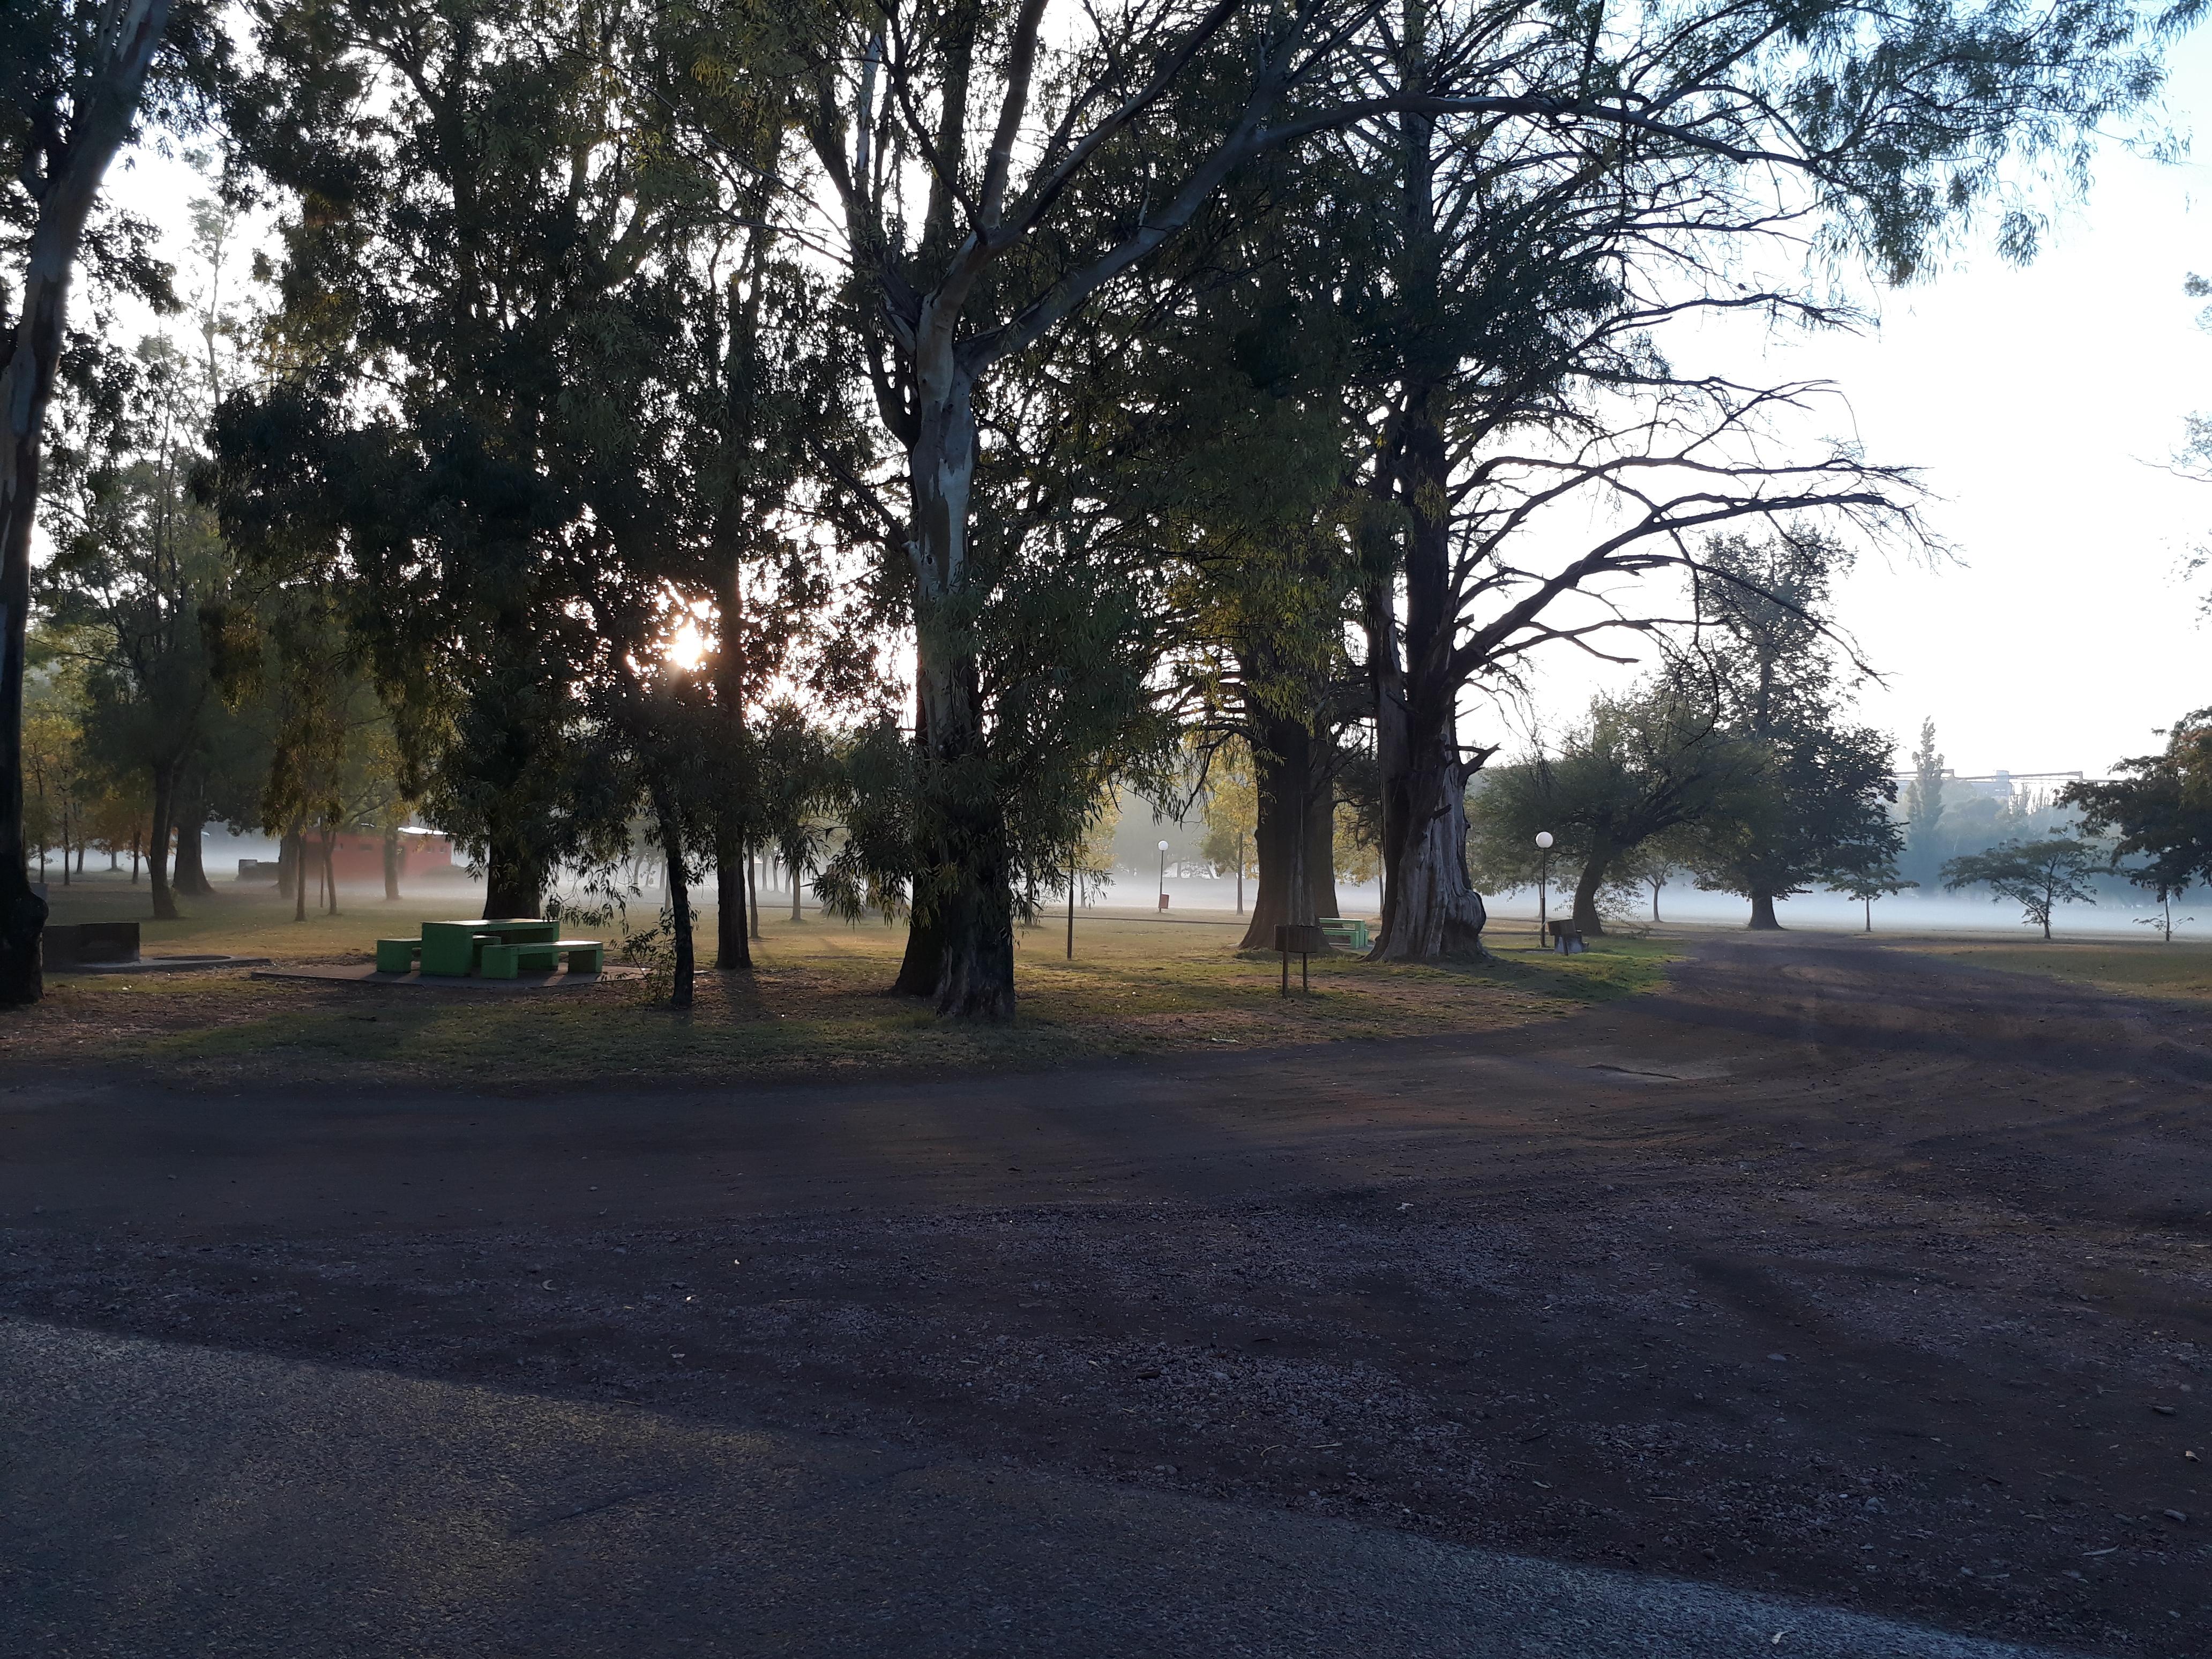 Pigüé: datos del tiempo e imágenes  del Parque Municipal en ésta mañanita otoñal